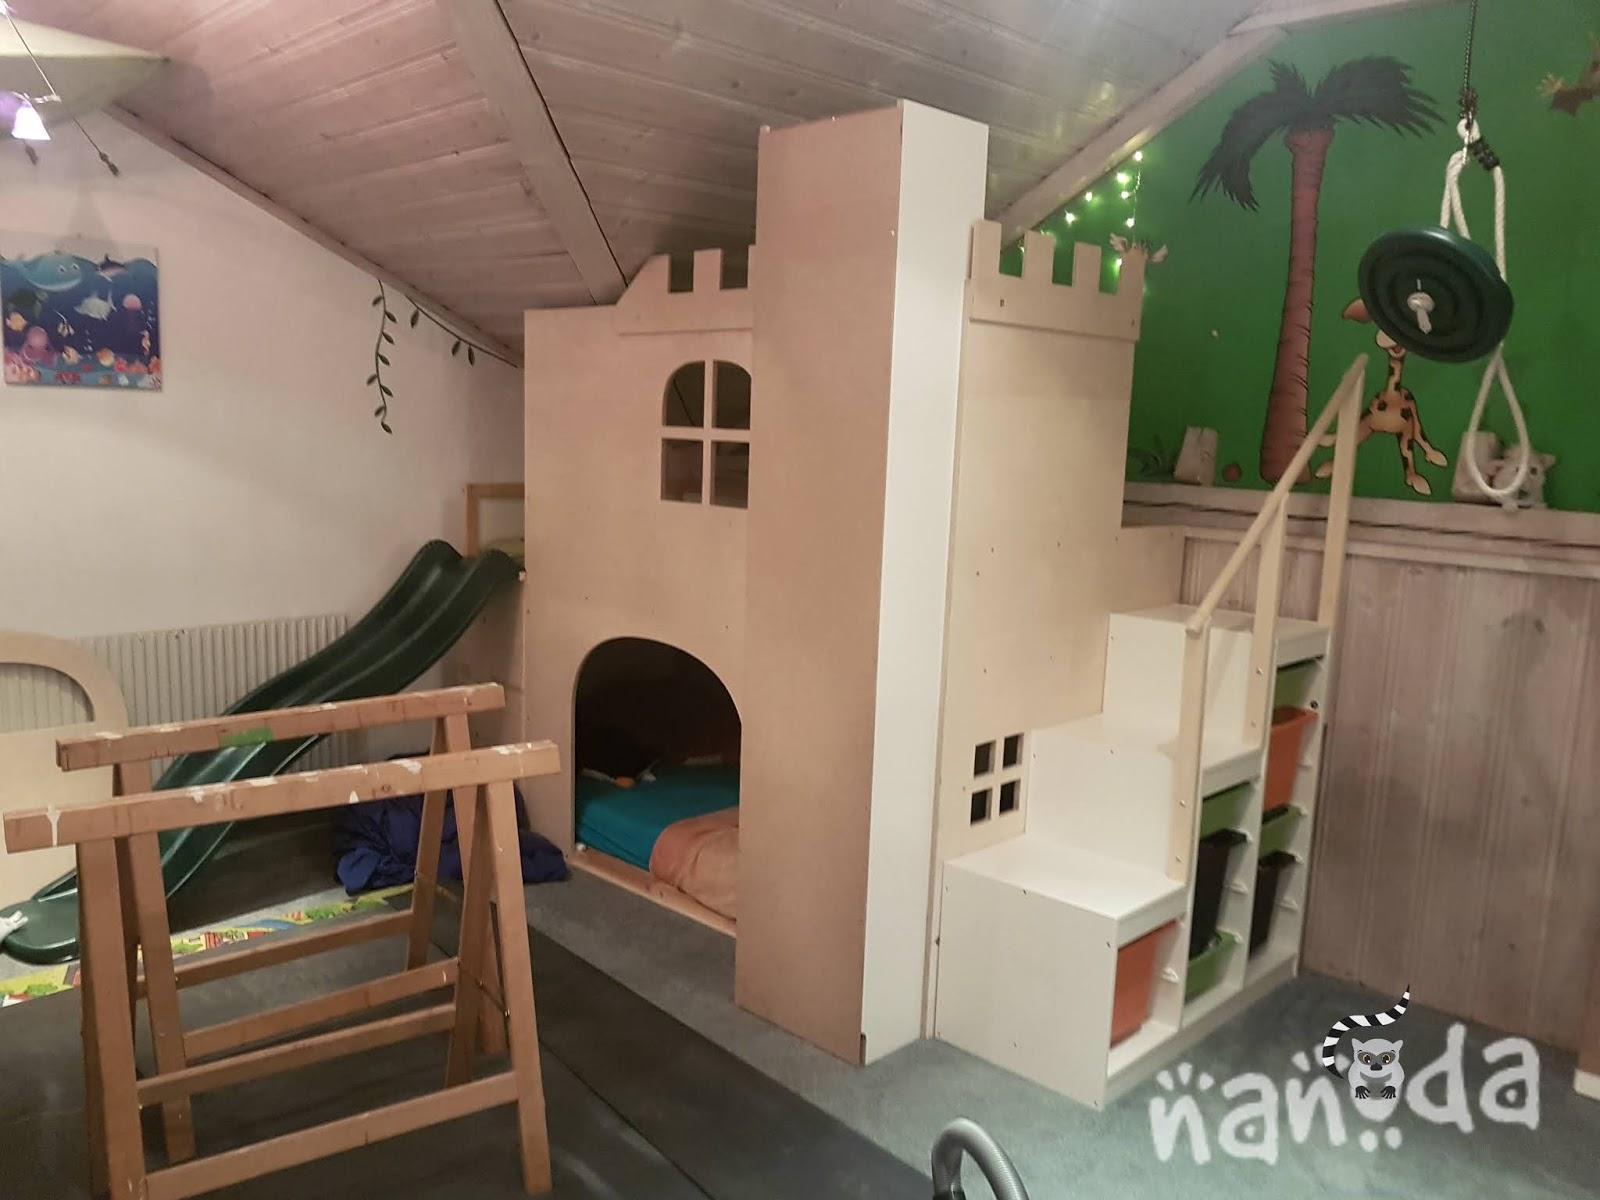 Full Size of Kura Hack Ikea Bunk Bed Instructions Montessori House Storage Ideas 2 Beds Drawers Underneath Hacks Pinterest Nanodas Kreative Welt Eine Eigene Ritterburg Im Wohnzimmer Kura Hack